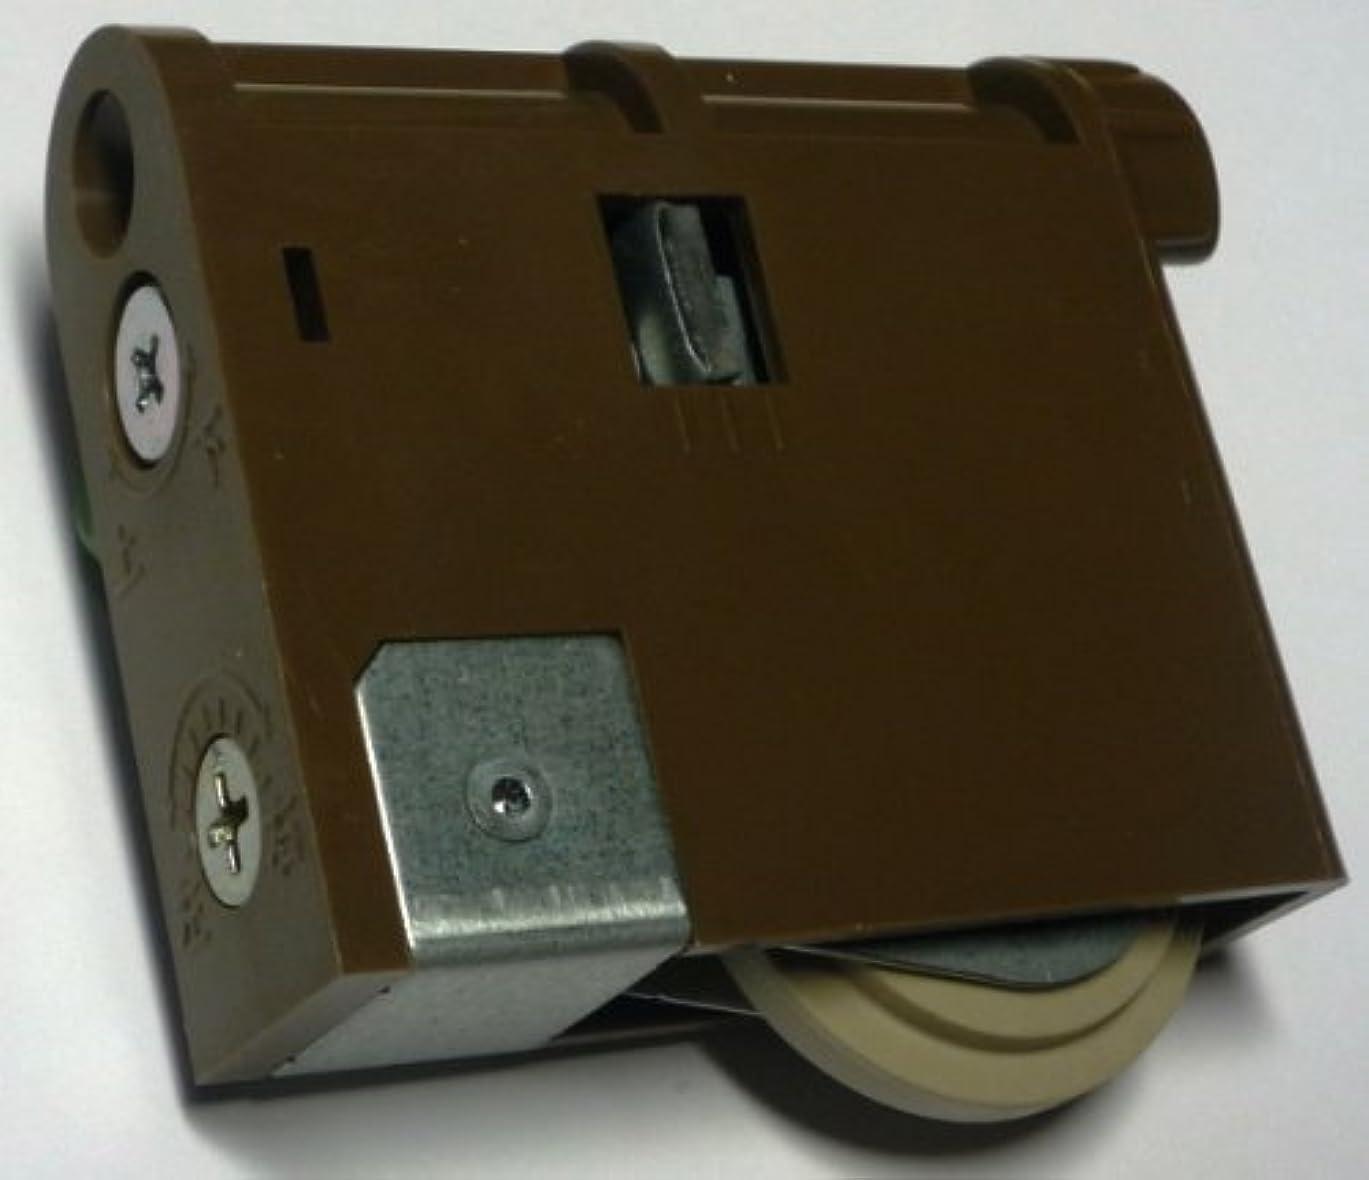 メンタリティ展望台下Panasonic パナソニック 調整機能付きY戸車 内装引戸用 ダークブラウン MJB907NK 2個